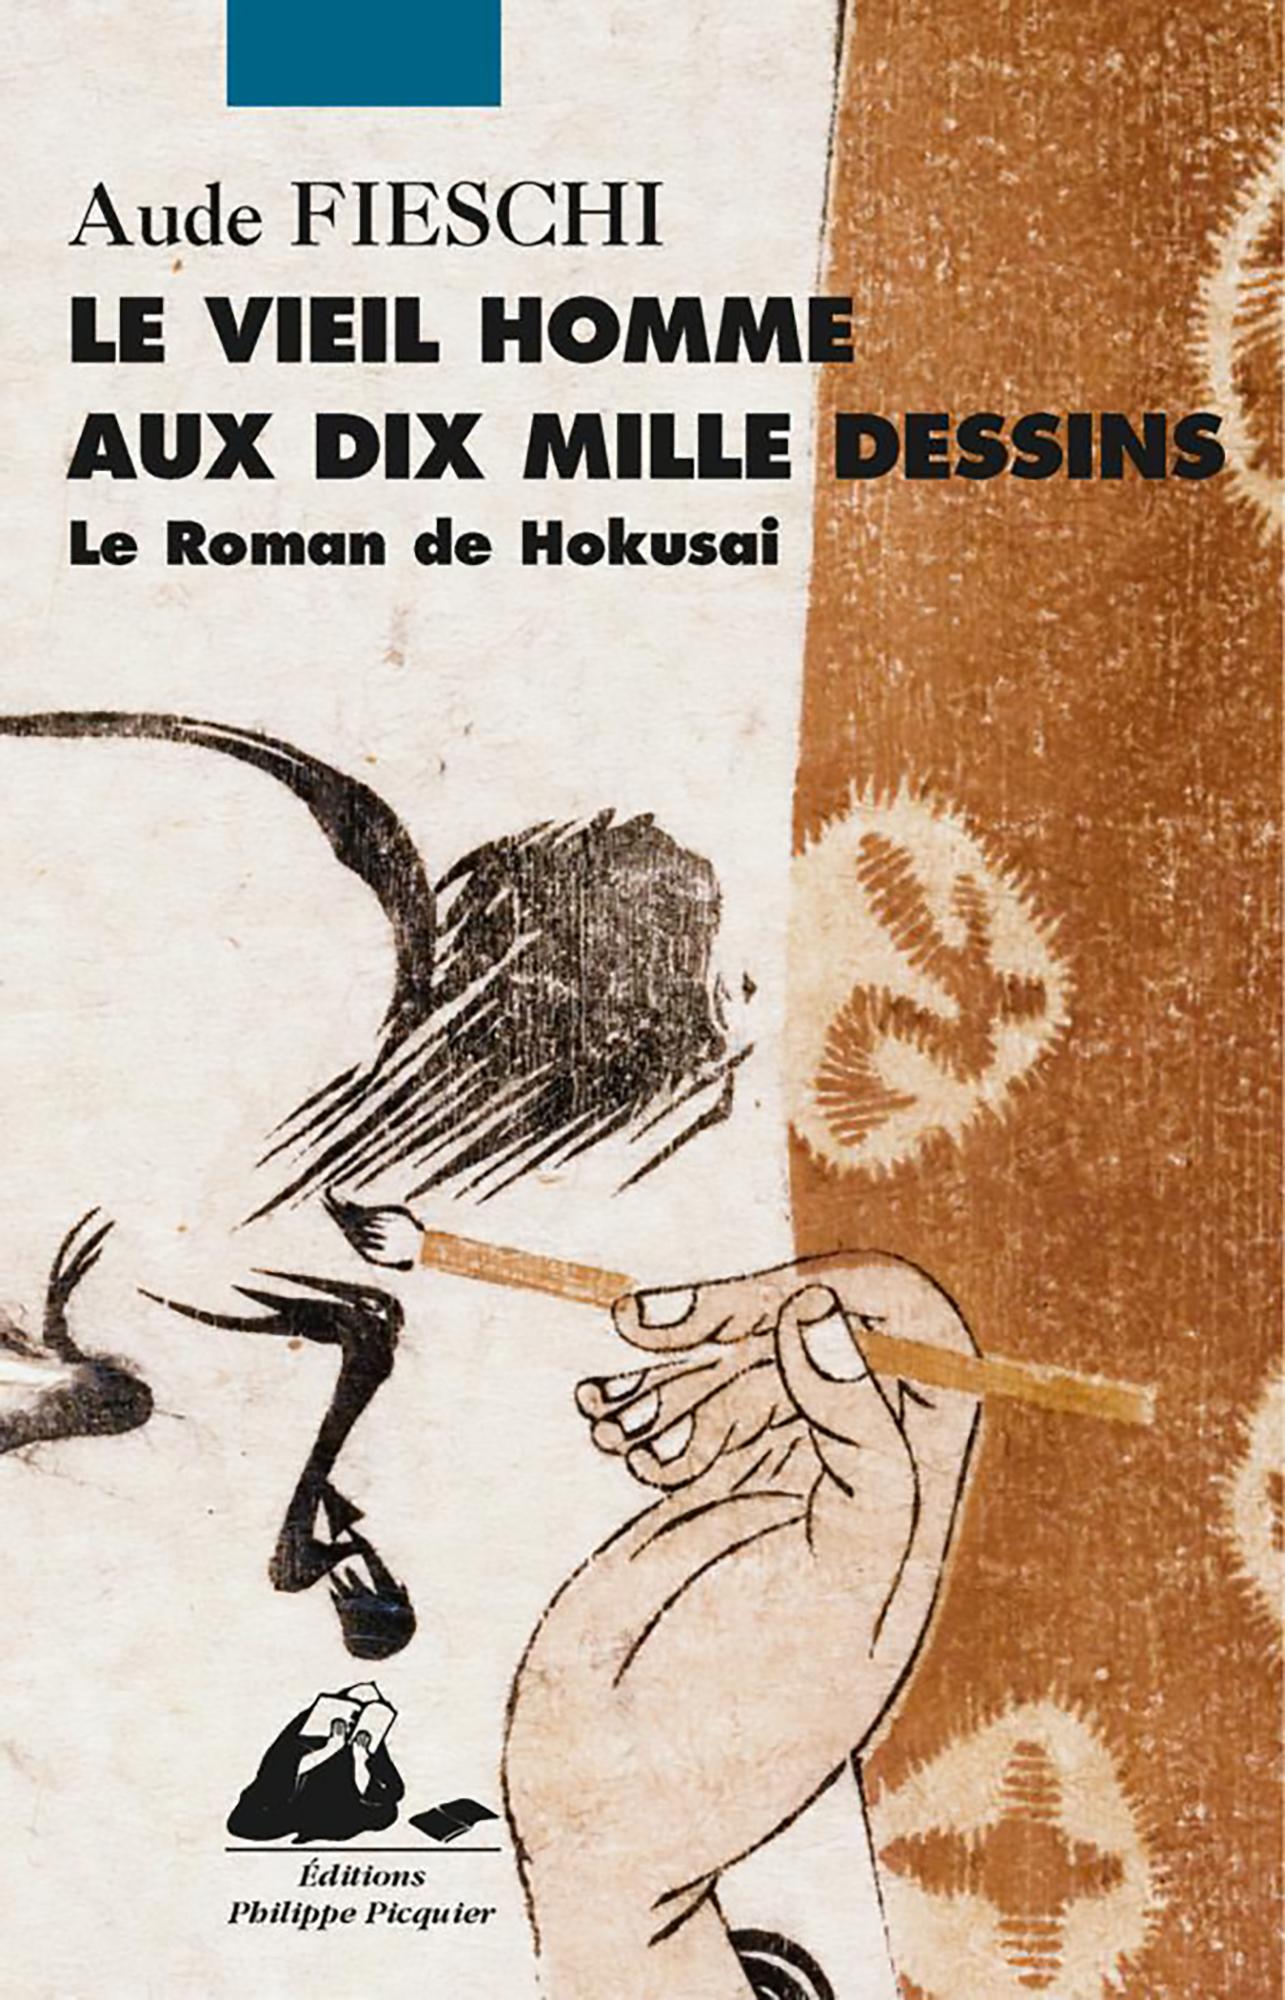 Le Vieil homme aux dix mille dessins | FIESCHI, Aude